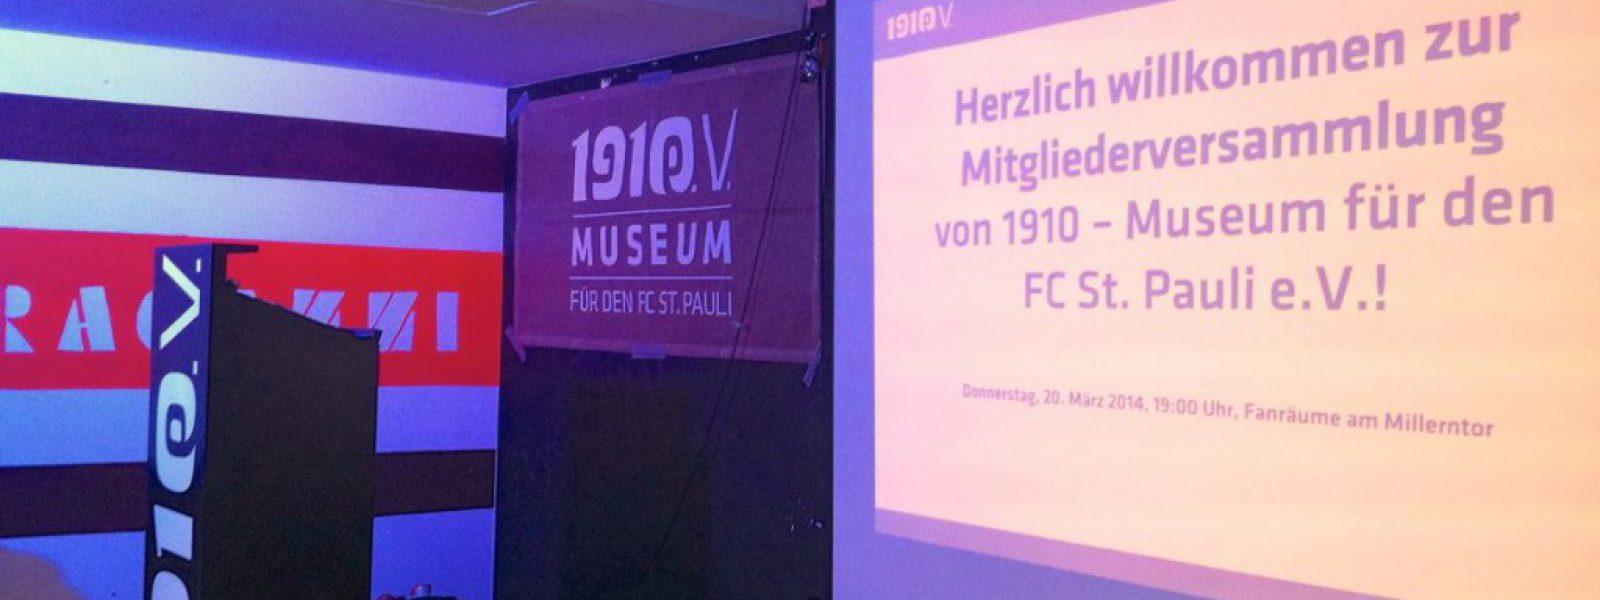 Jahreshauptversammlung: 1910 e.V. mit 50.000 Euro Gewinn